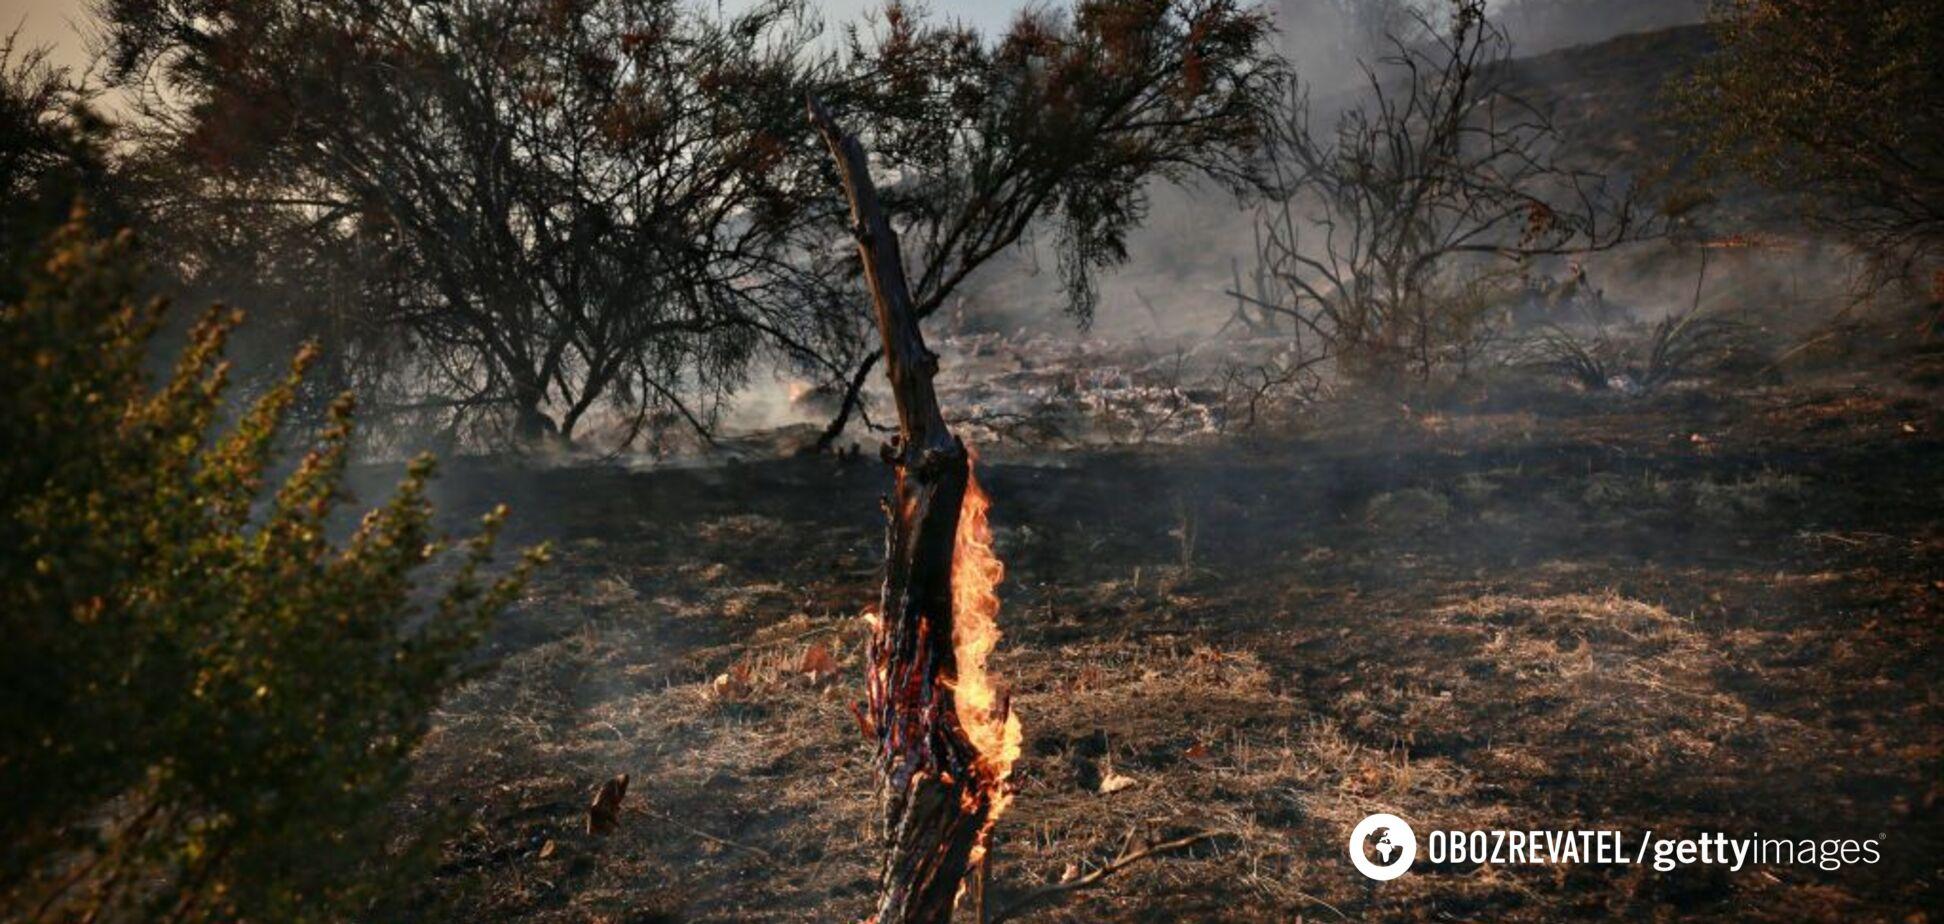 Киев задыхается от смога: эколог назвал причину пожара на торфяниках